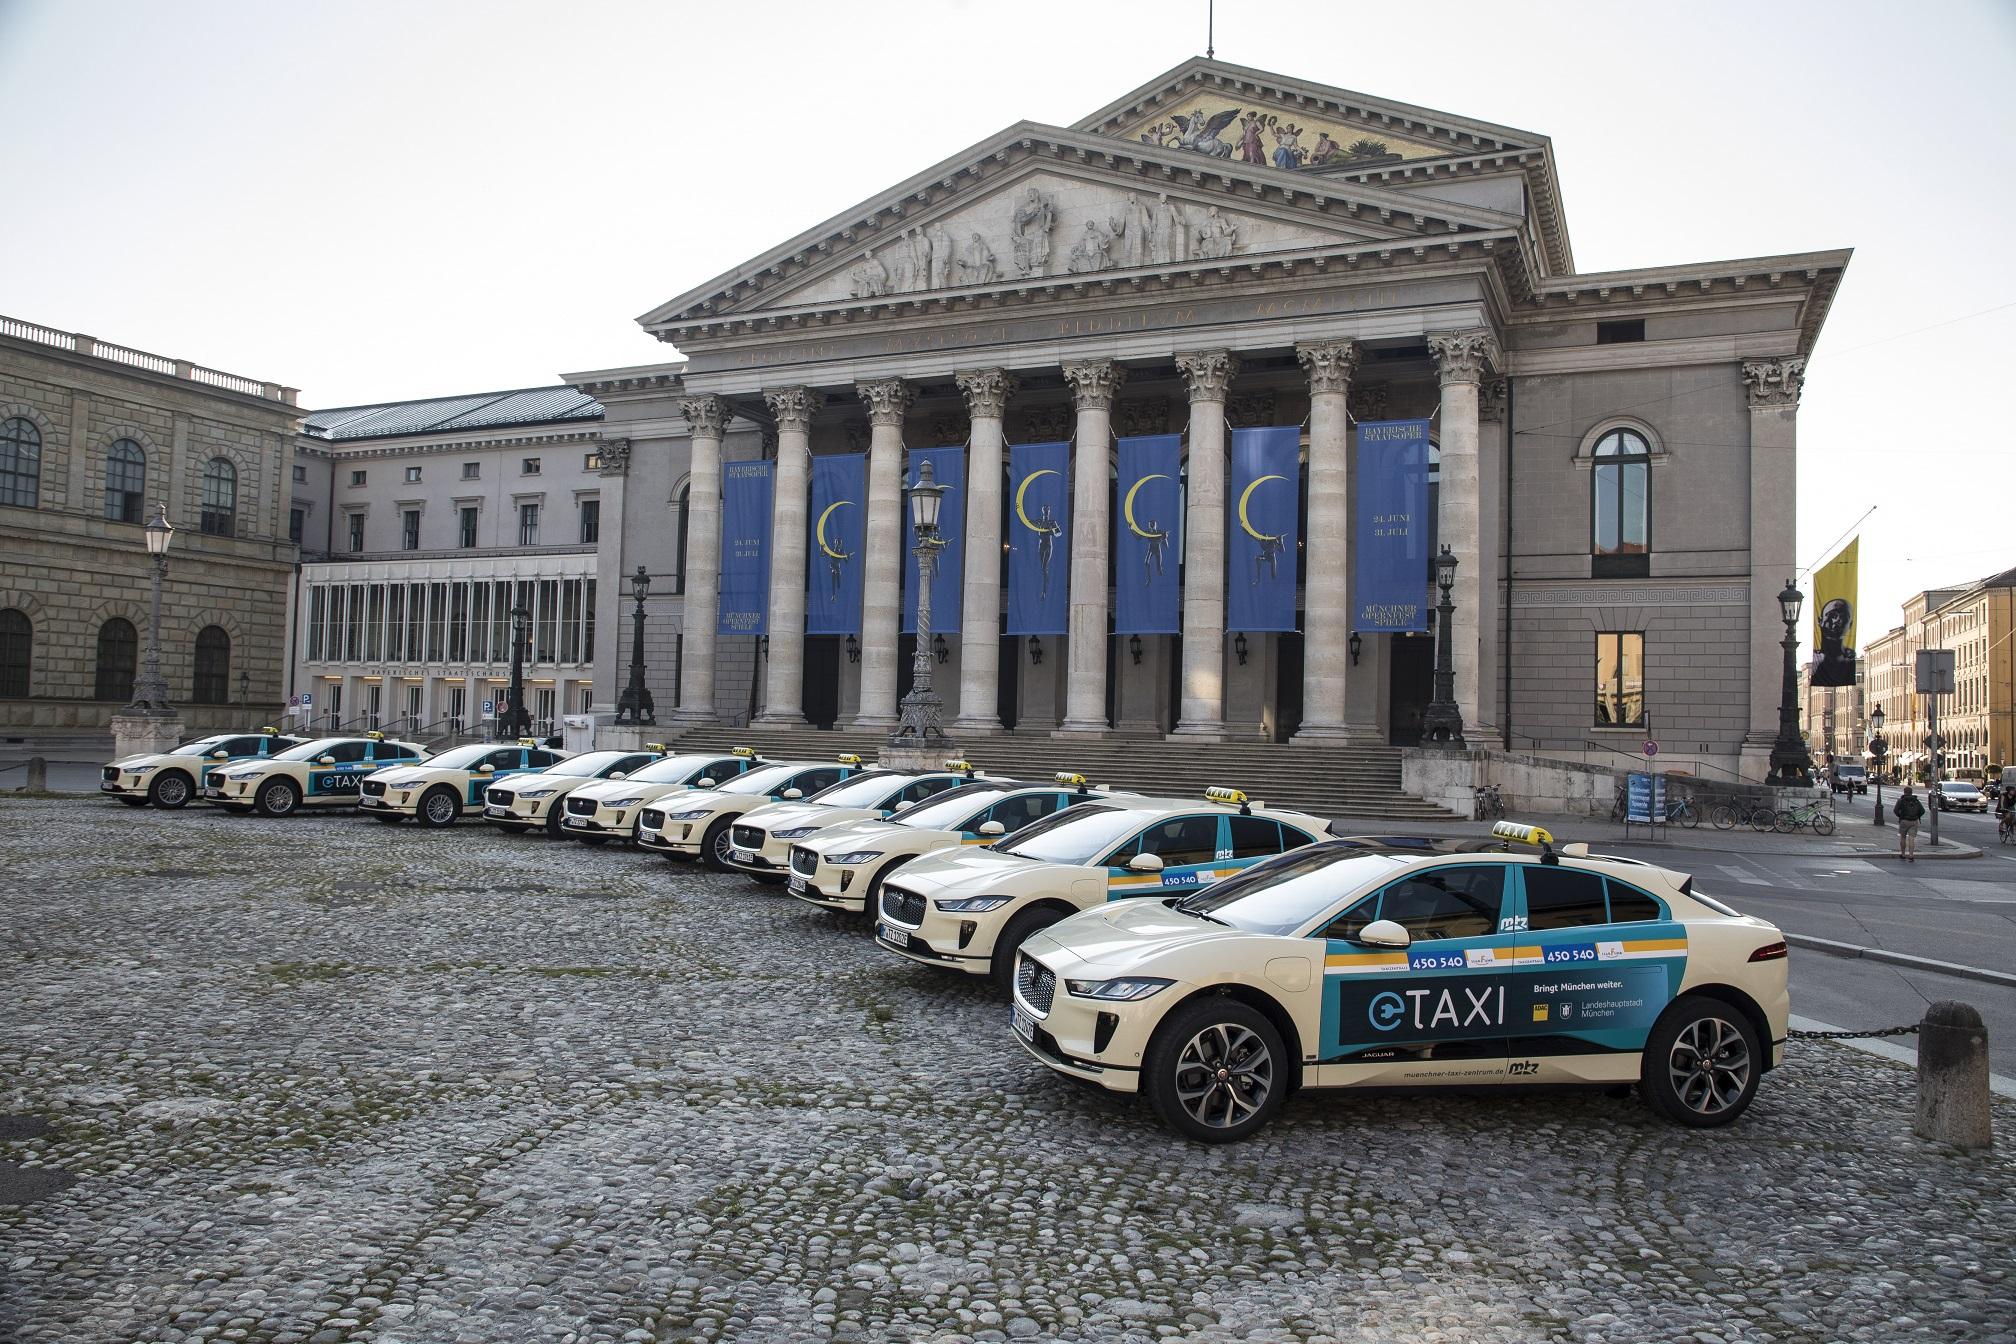 A primeira frota de táxis elétricos da Alemanha está entrando em operação. Atendimento de passageiros pode ajudar a avaliar a praticidade dos elétricos no trânsito diário.